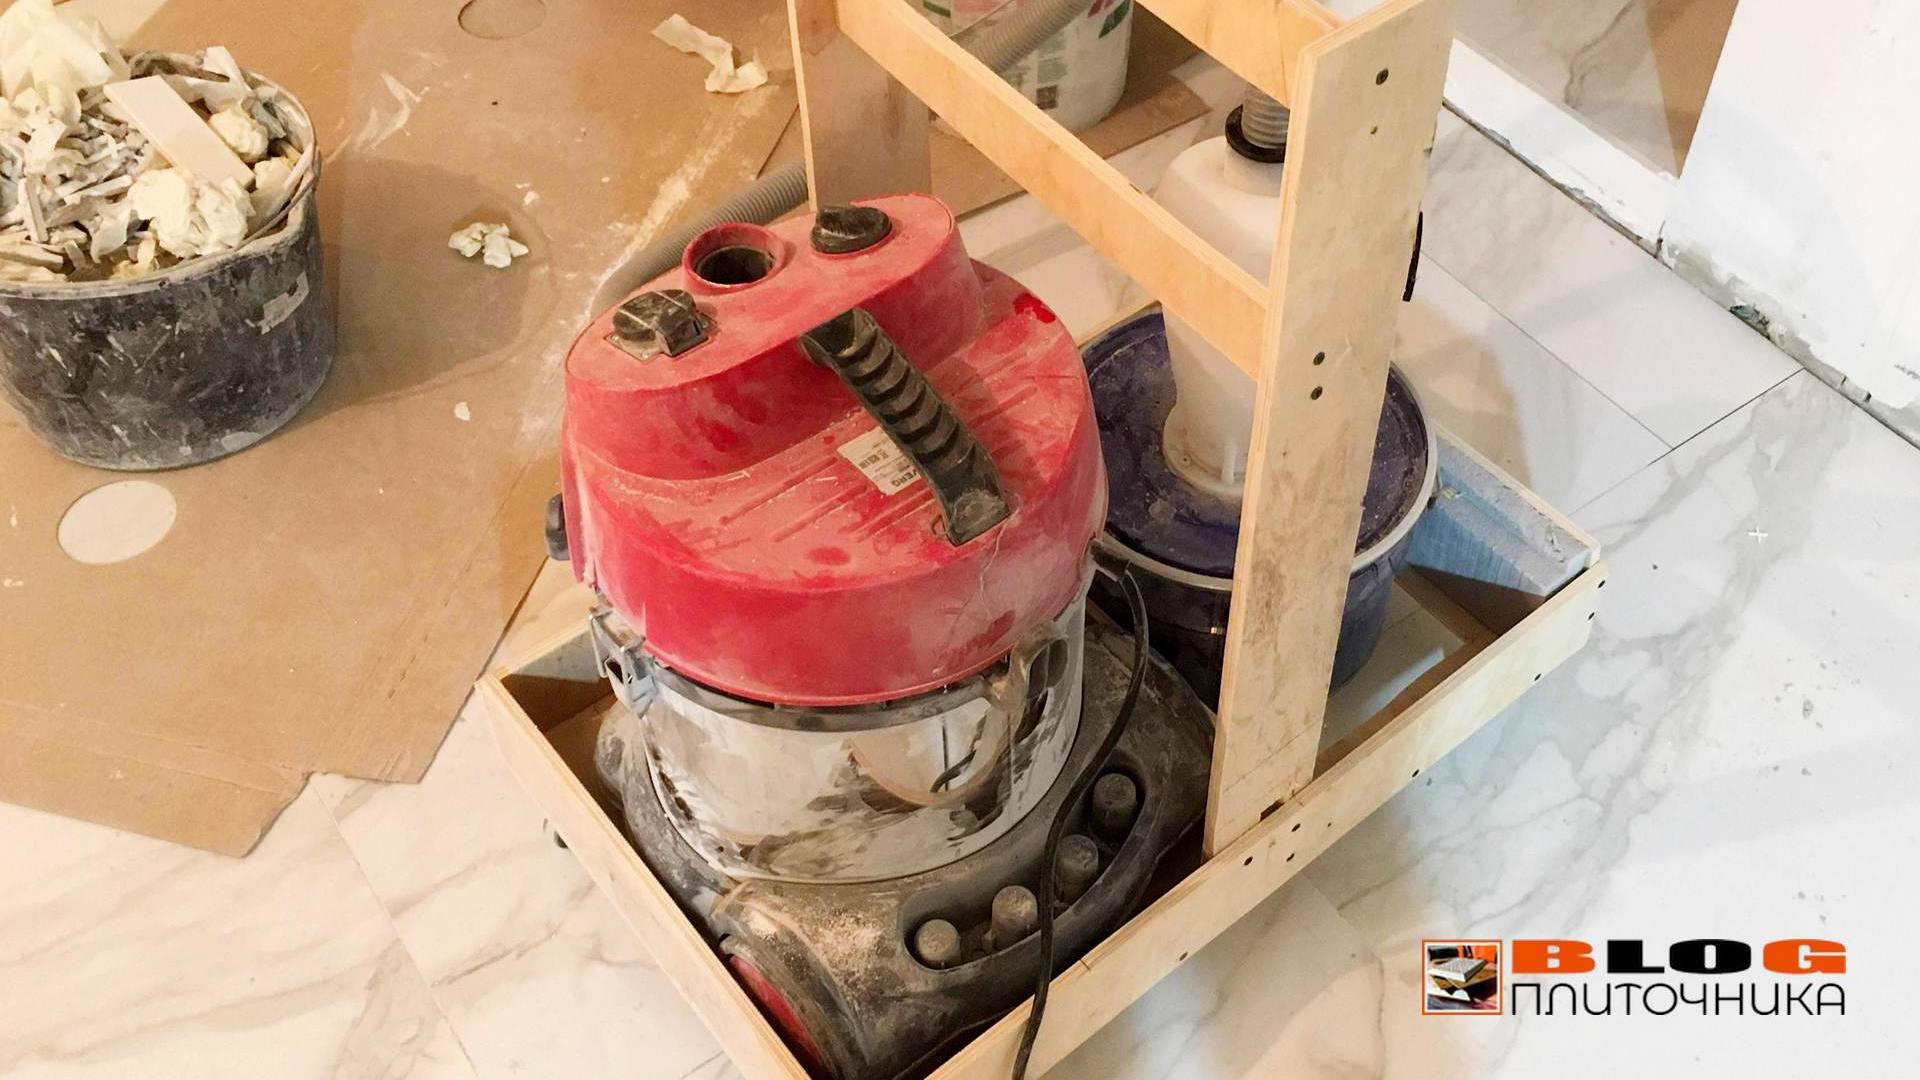 пылесос плиточника редверг блог плиточника